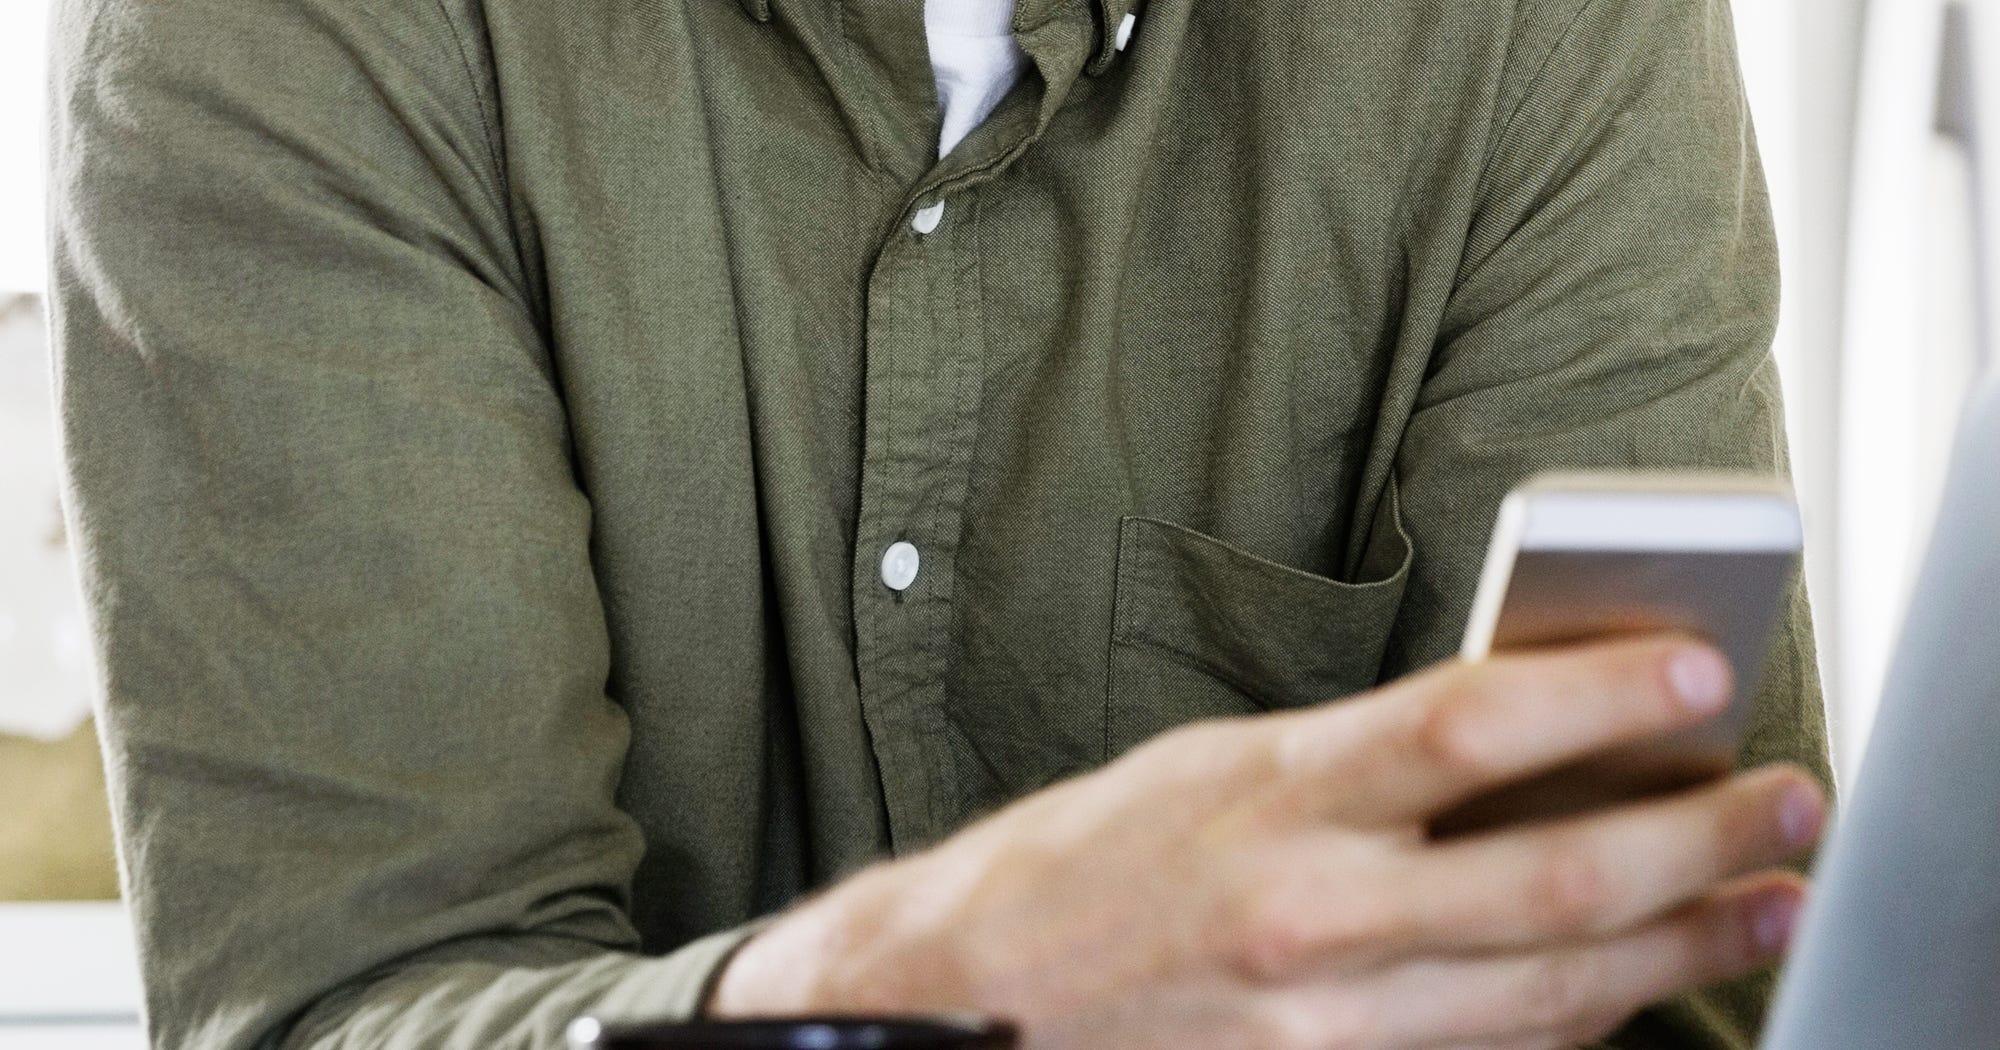 Unfollow Ex On Social Media Reasoning